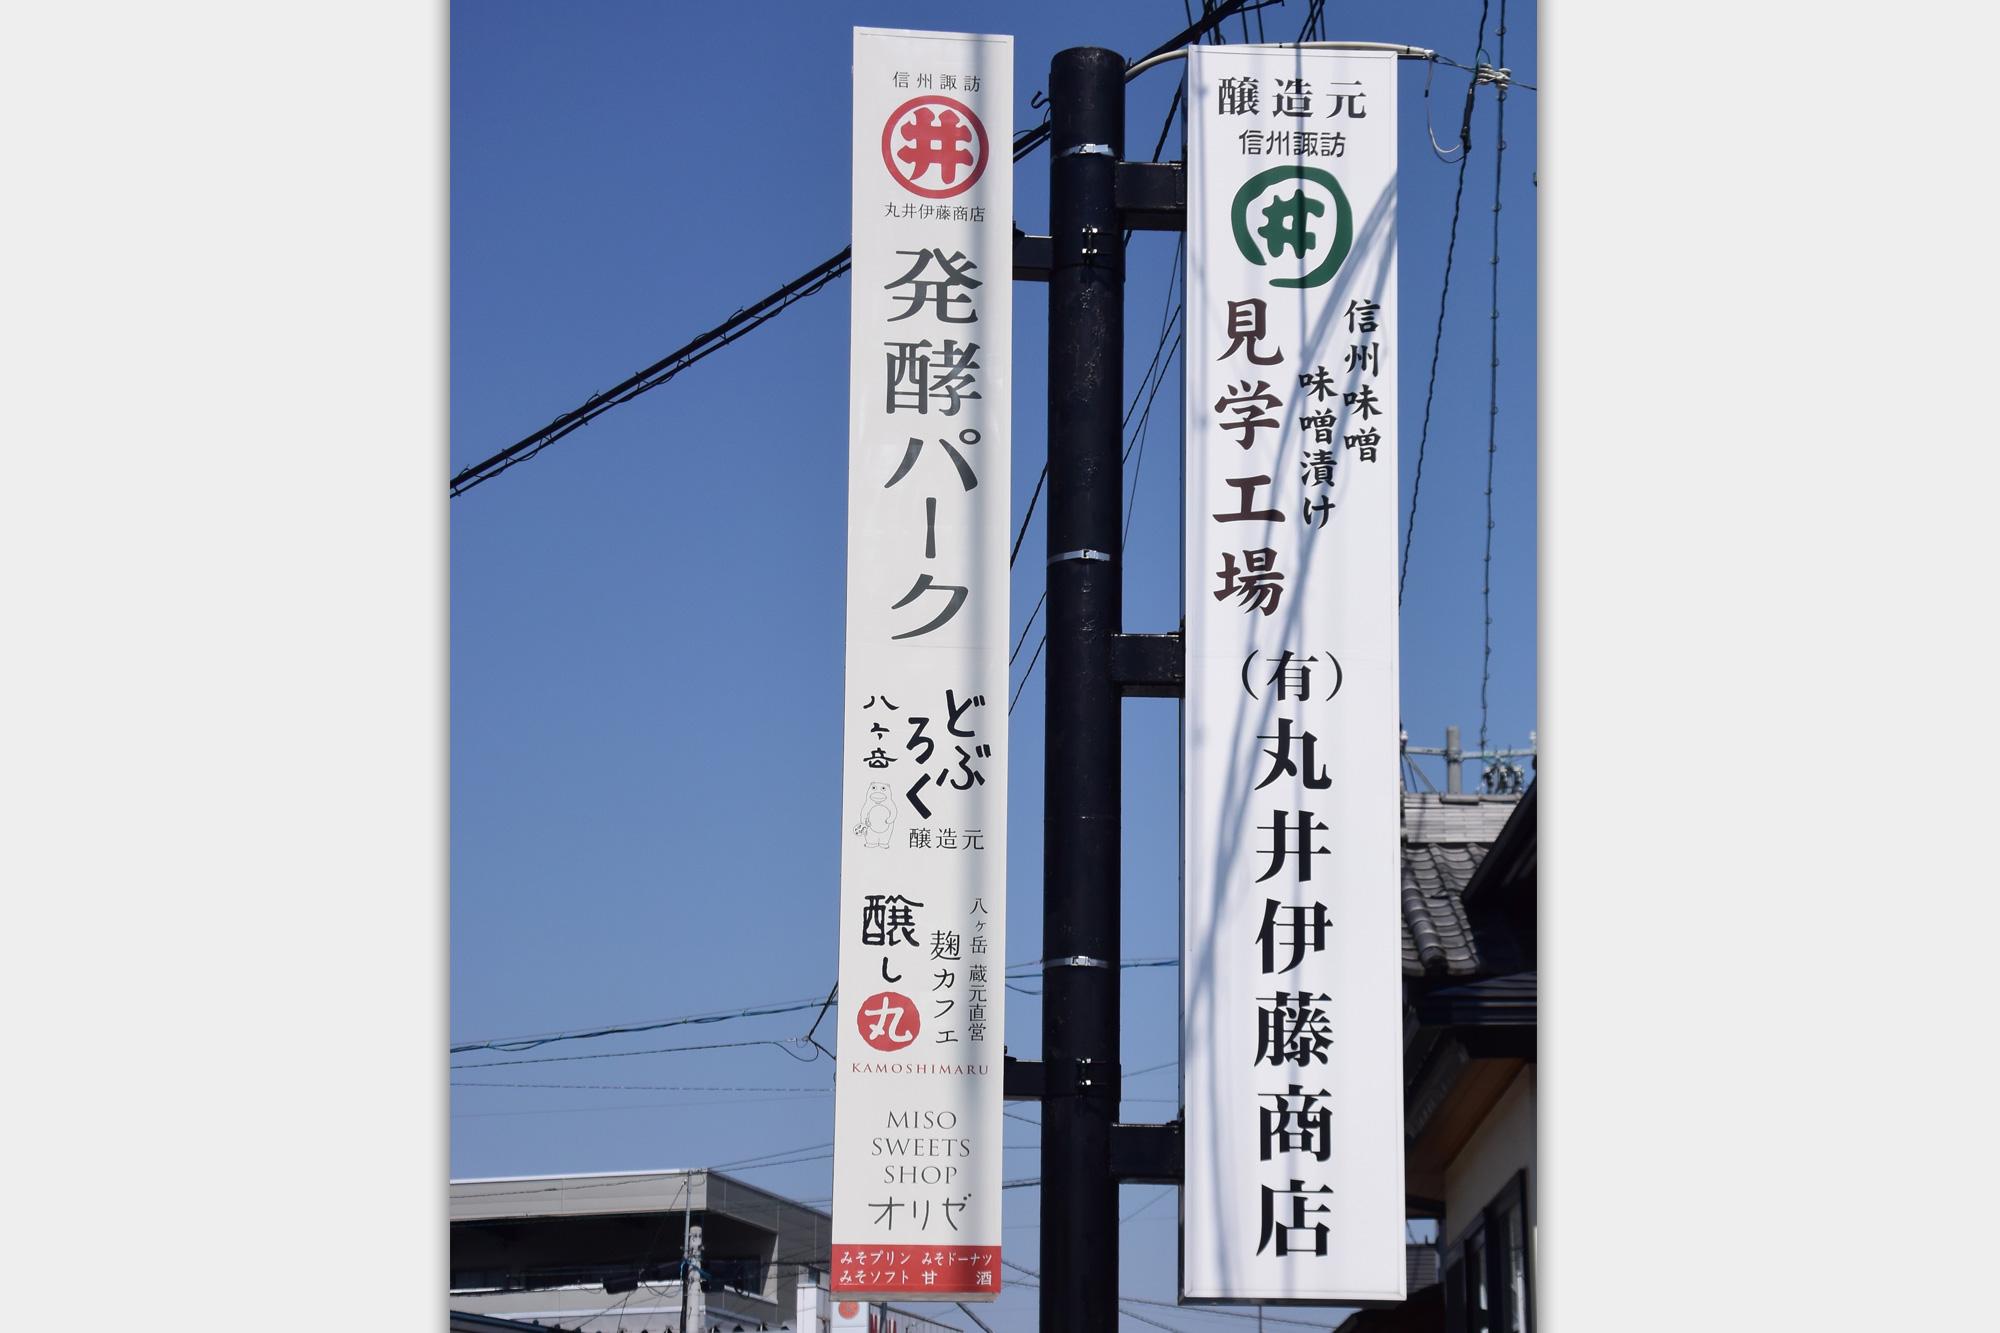 袖看板(丸井伊藤商店様)